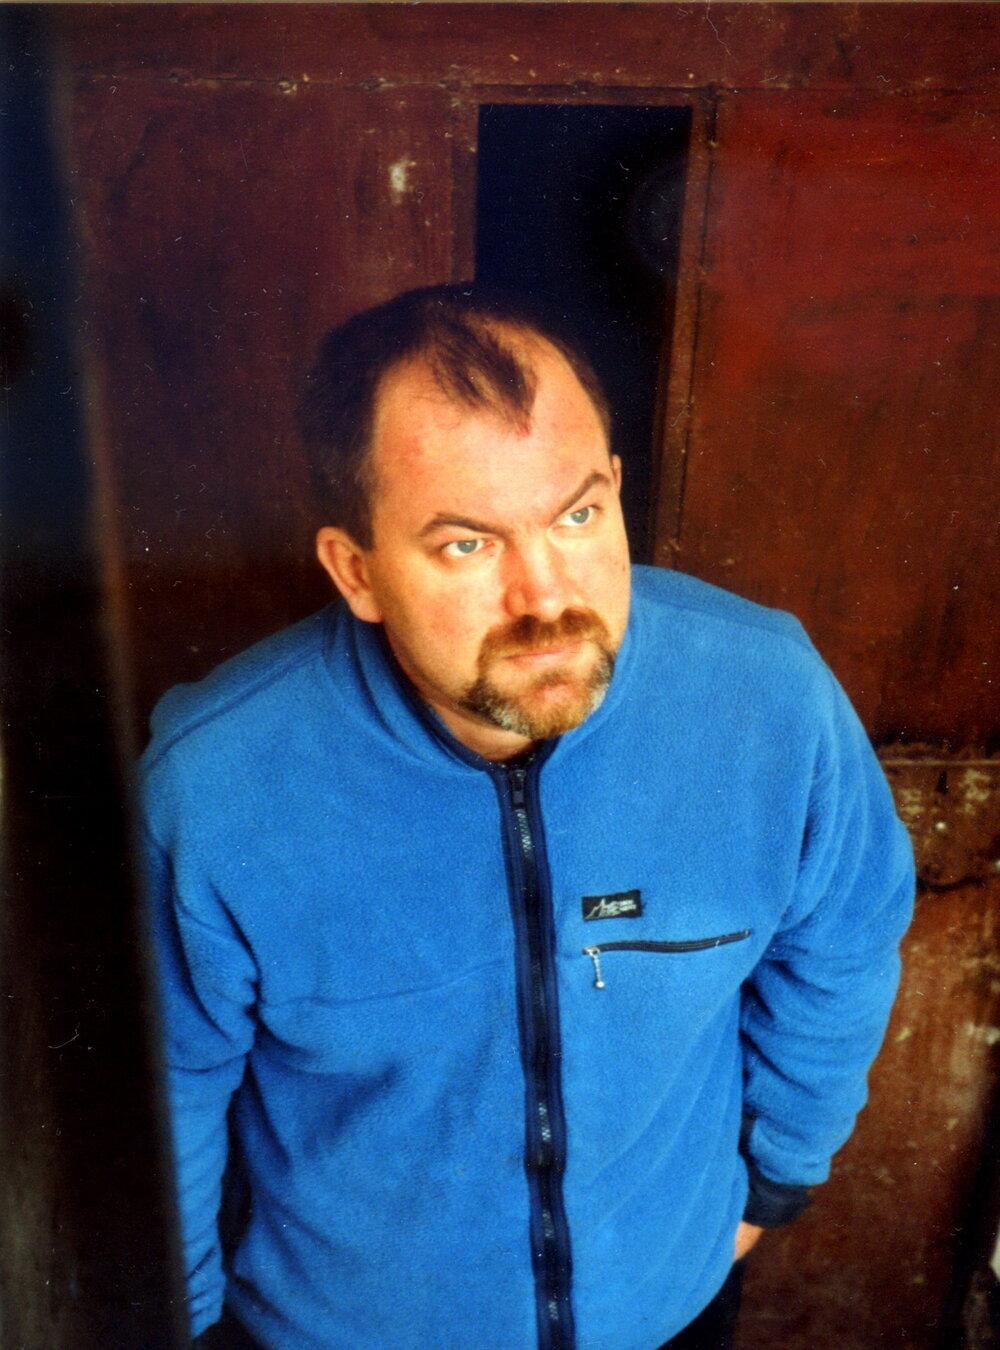 Мирослав Ягода, 1999. Світлина: Андрій Бояров